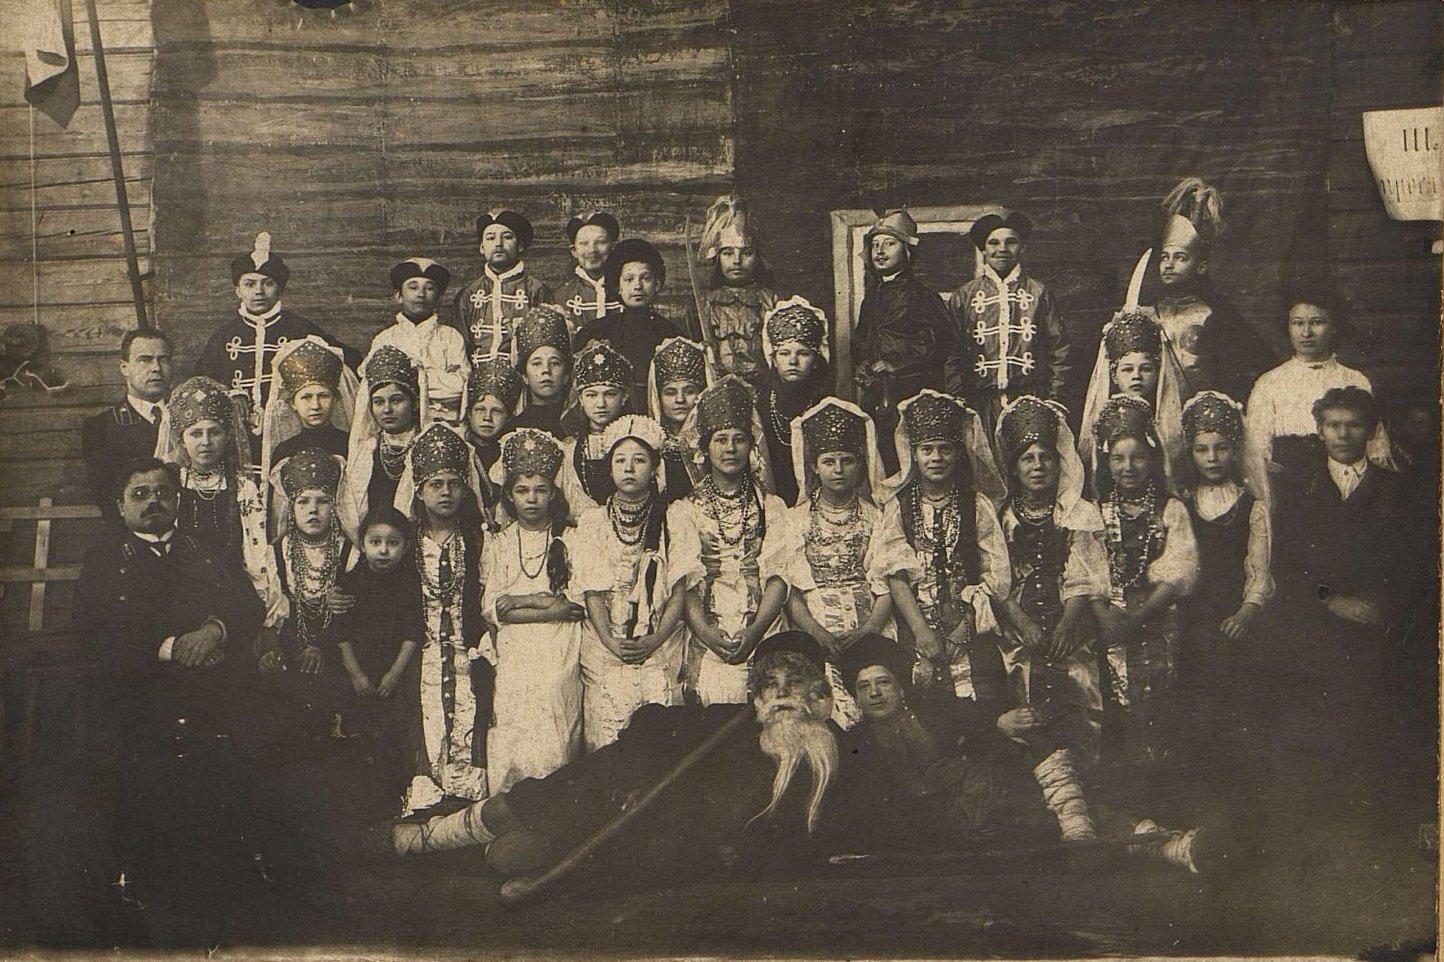 Участники самодеятельности железнодорожной школы Рузаевки во время постановки оперы «Иван Сусанин». 1912